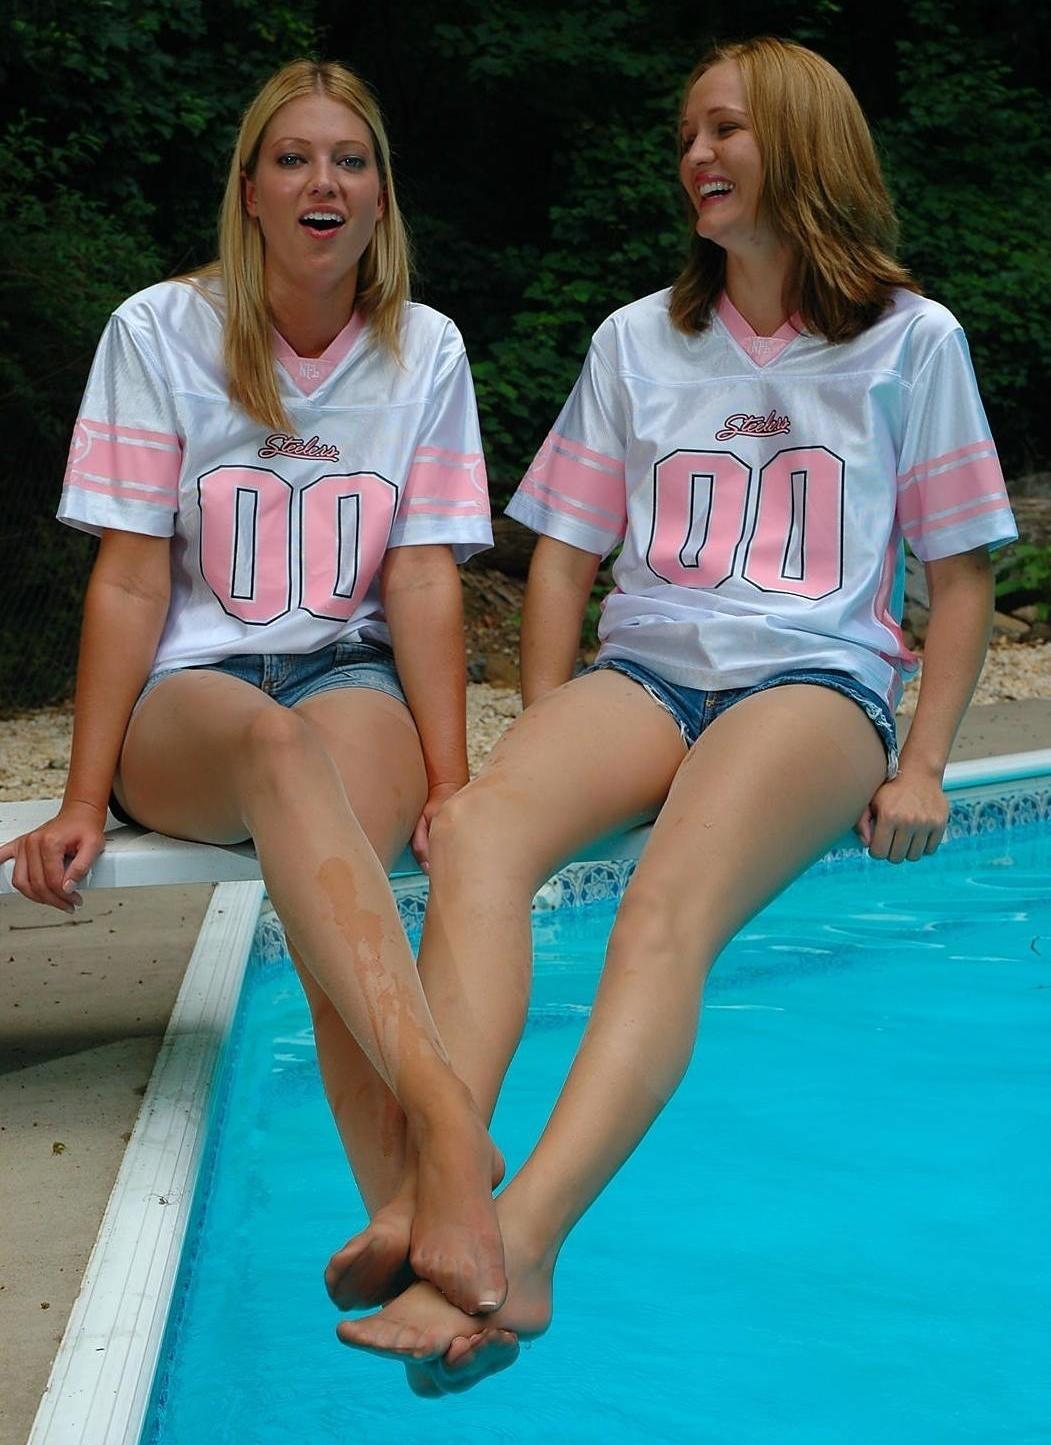 Two Girls Wear One Pair Pantyhose Free Lesbian Pantyhose